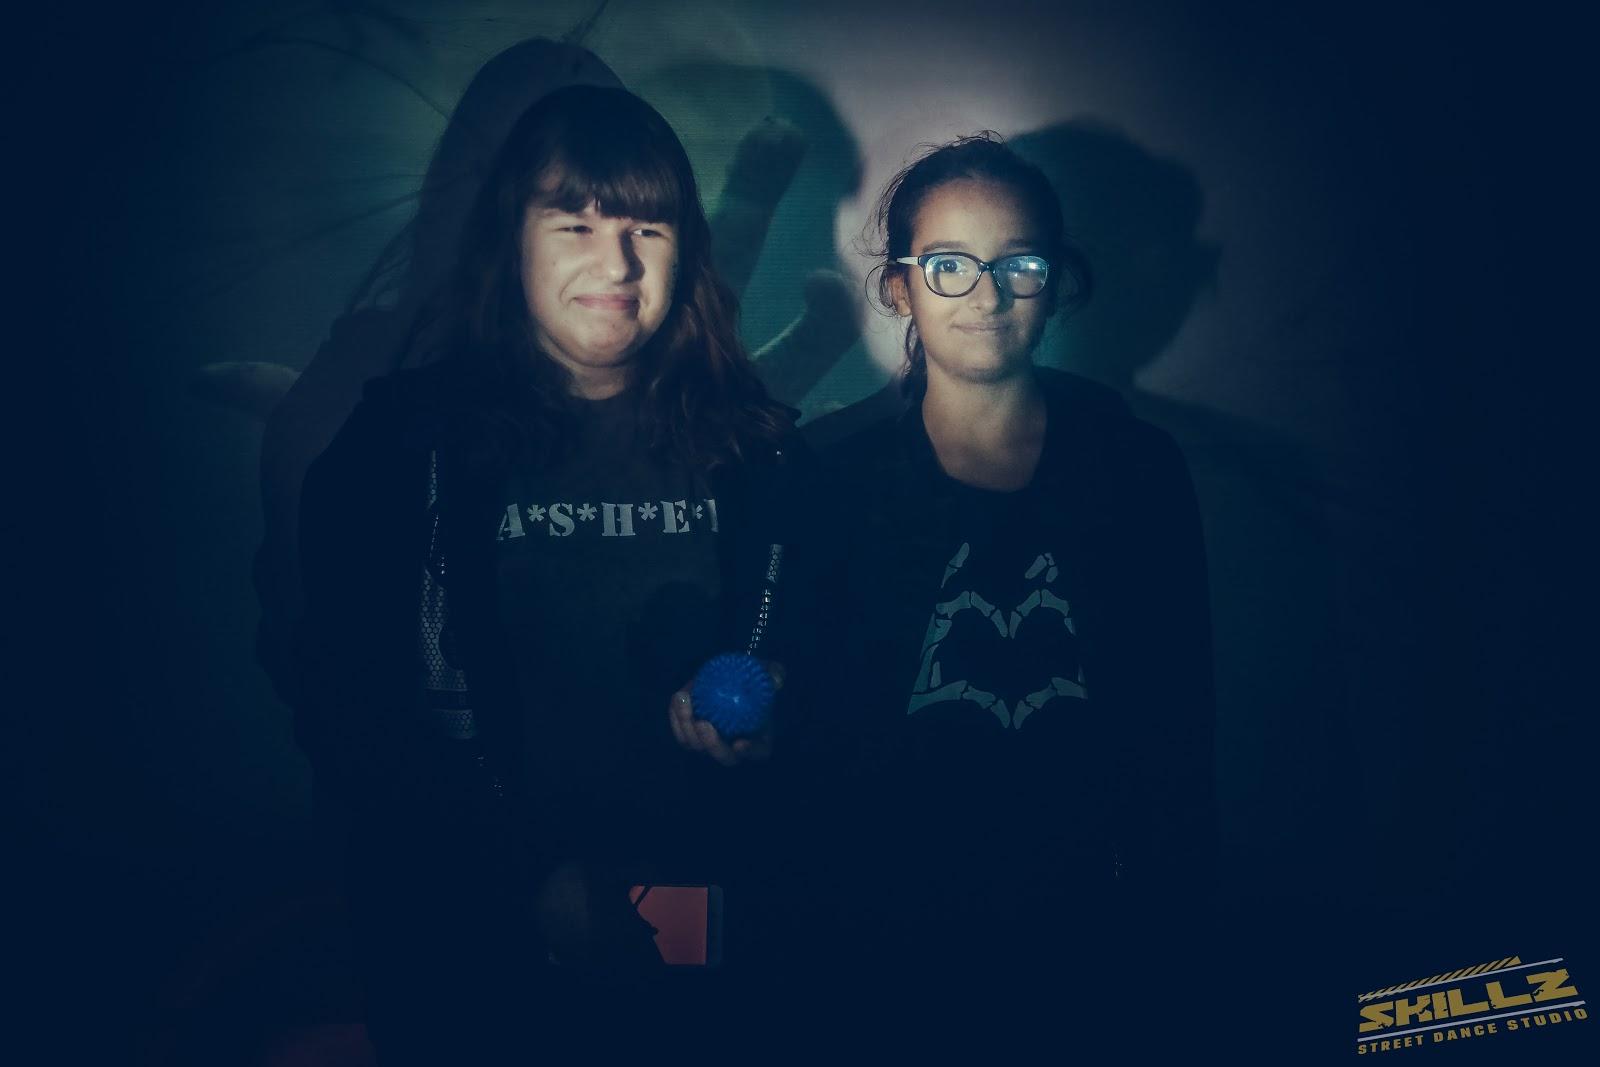 Naujikų krikštynos @SKILLZ (Halloween tema) - PANA1865.jpg